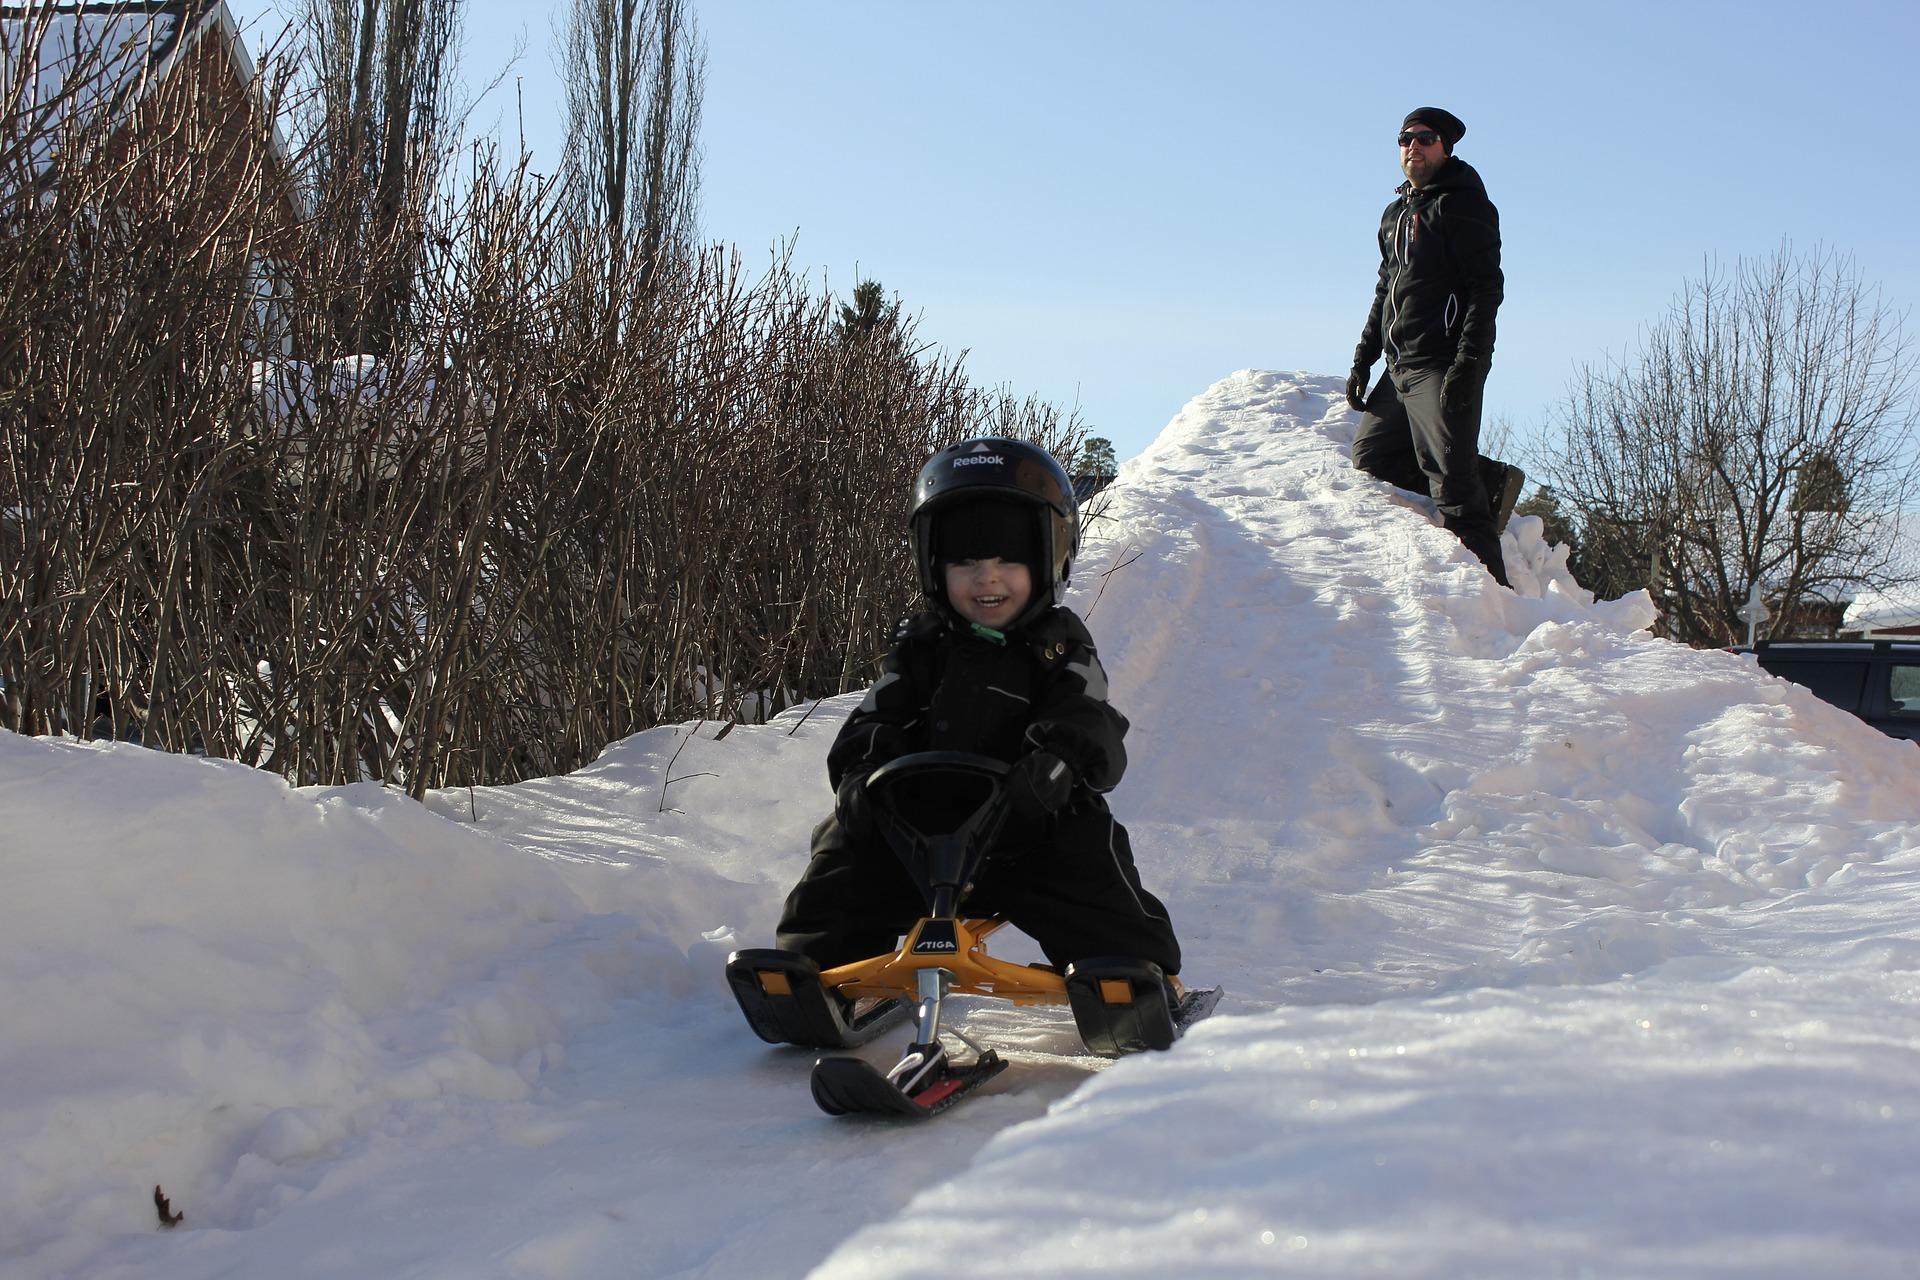 sledding-3807487_1920